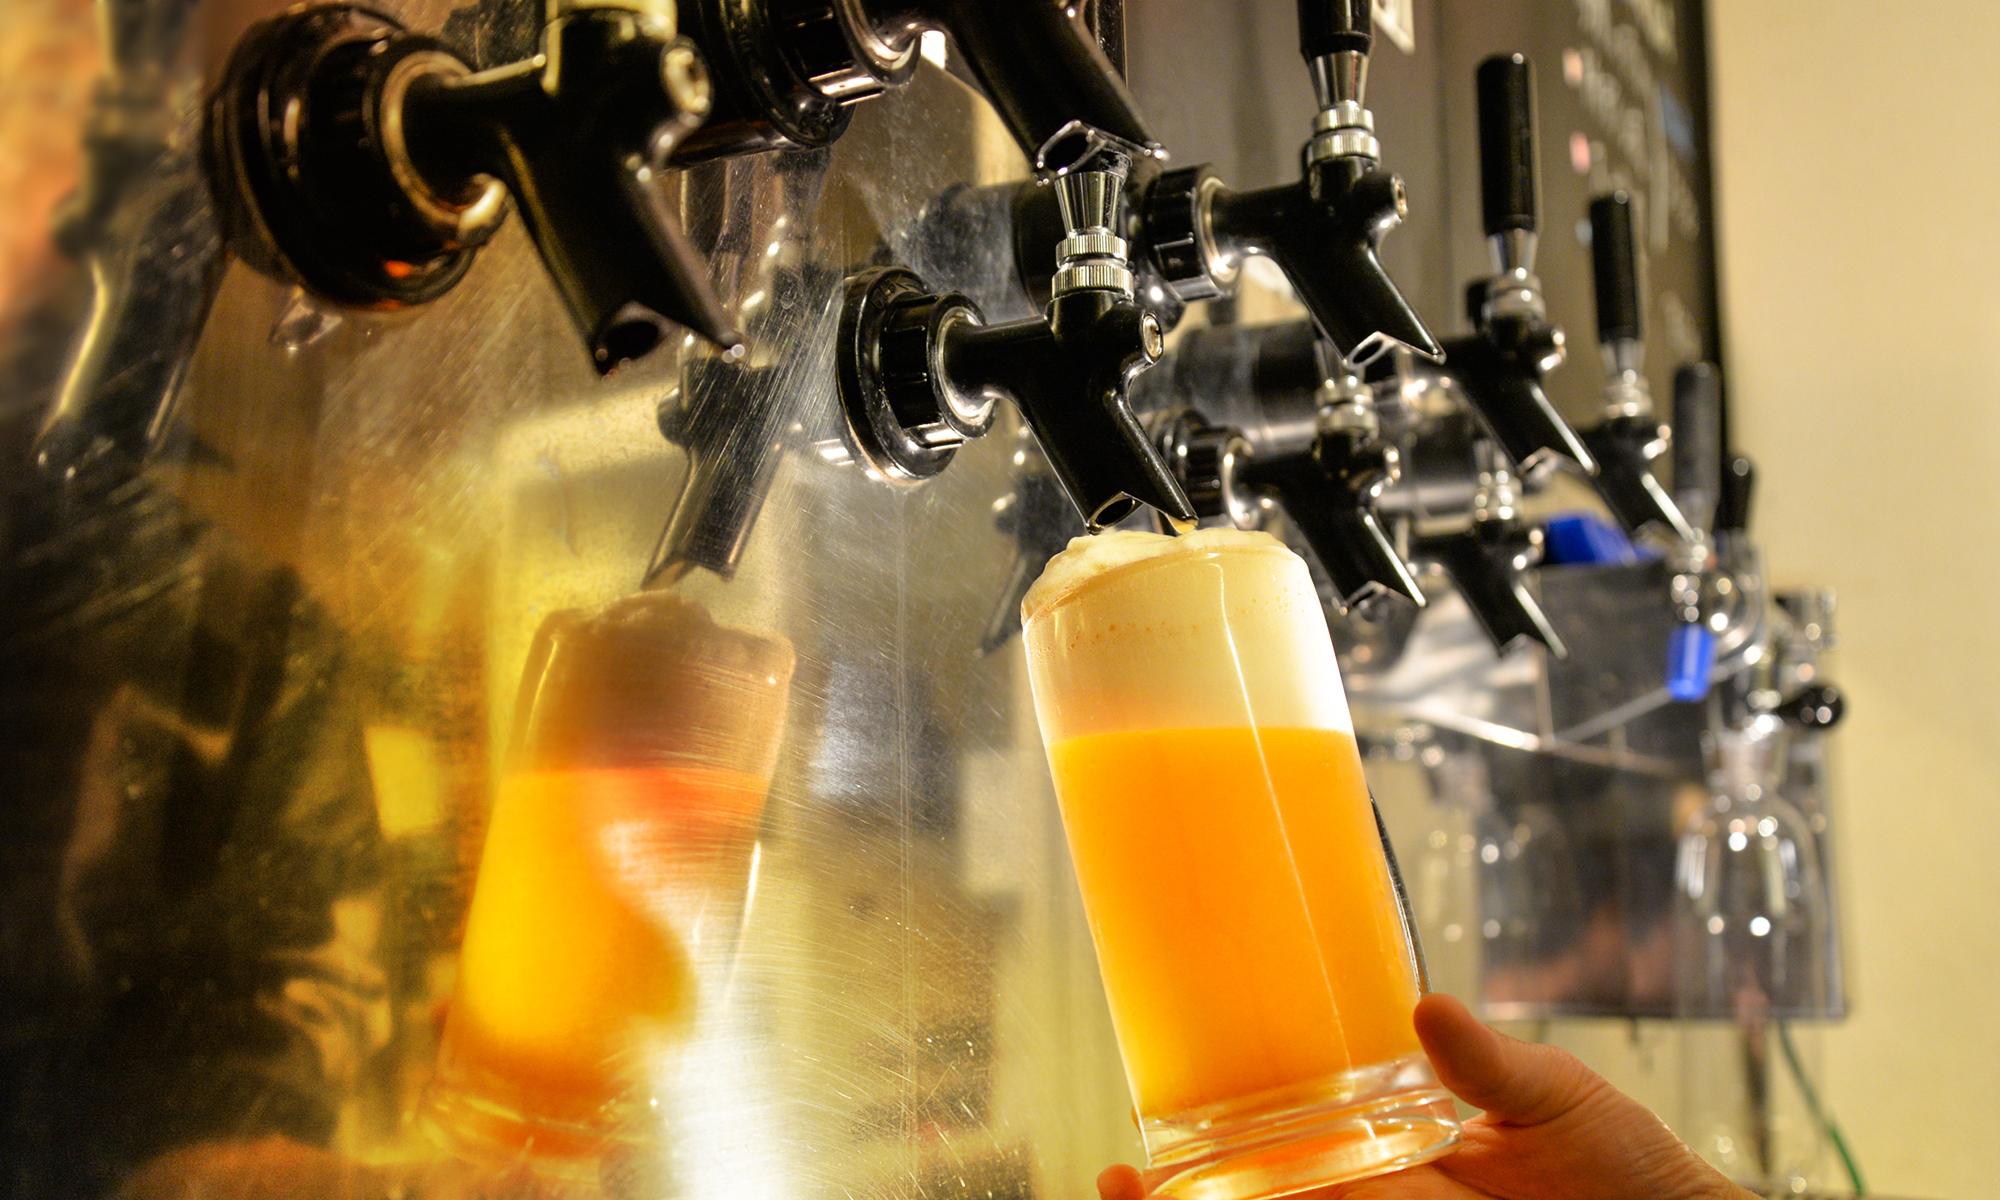 出来たての美味しいクラフトビールが楽しめるブルーパブ・ムーンライト/川崎市多摩区